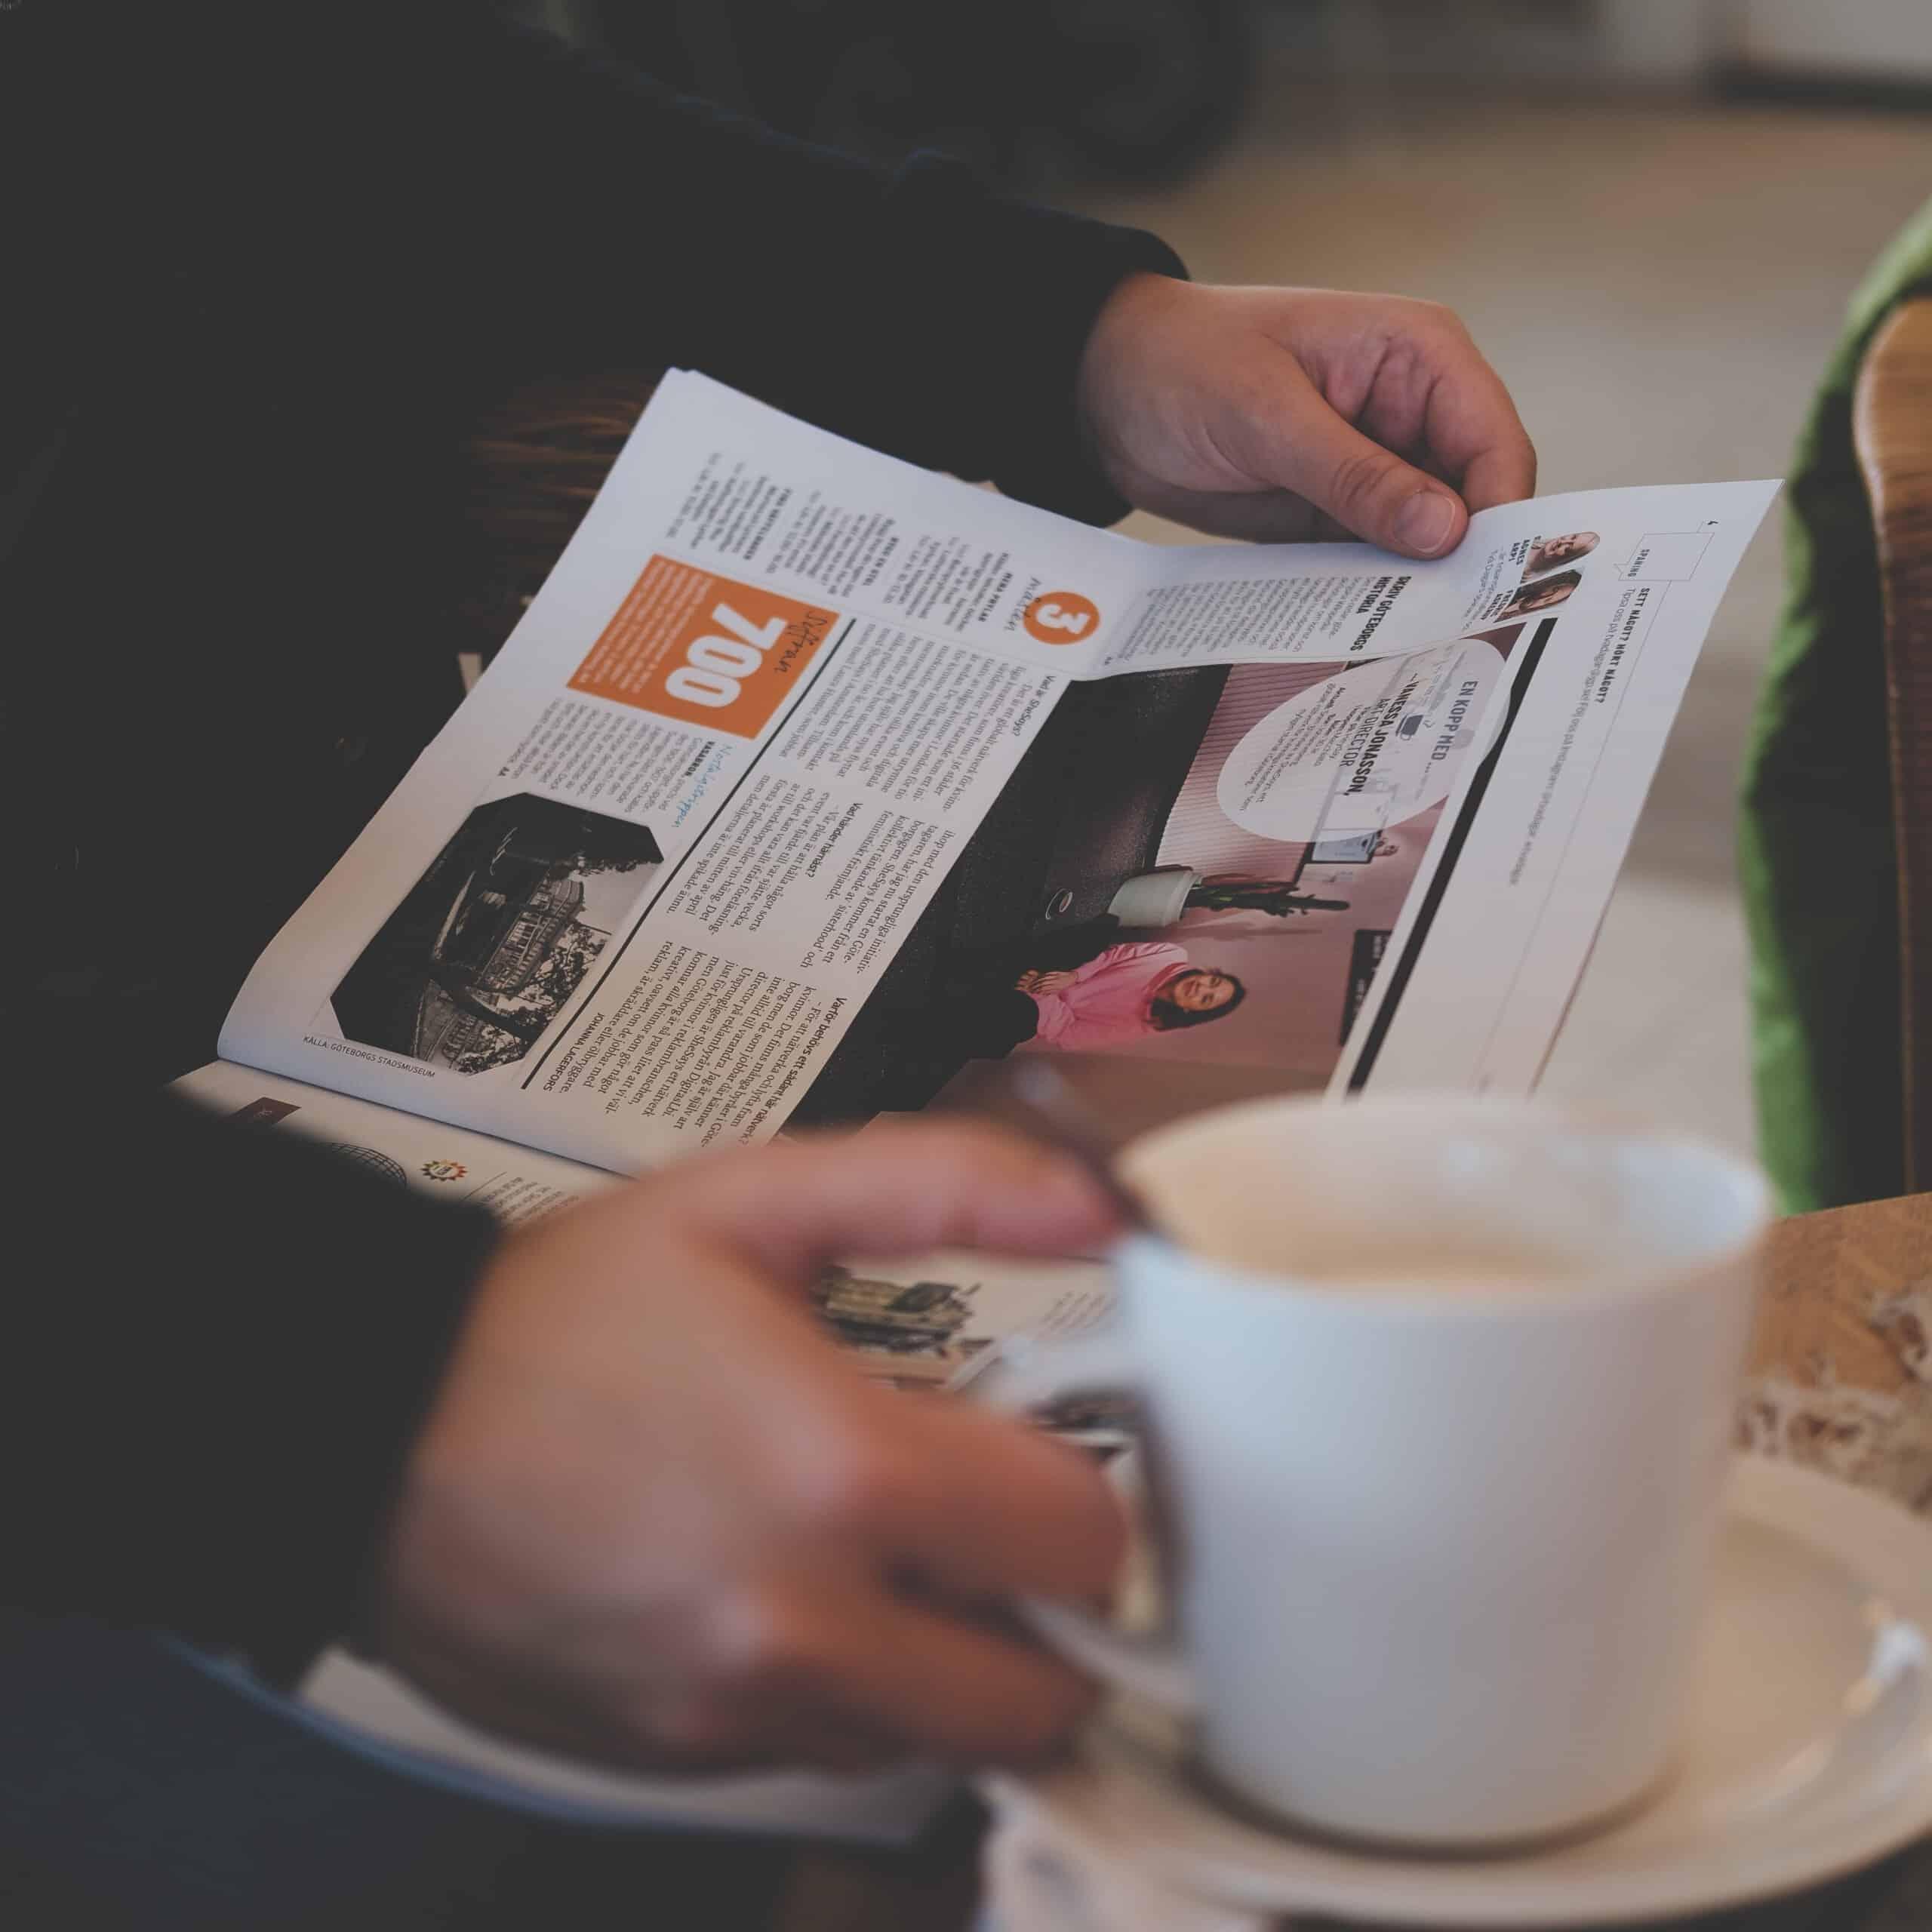 Henkilö lukemassa aikakauslehteä valkoinen kahvimuki kädessään.